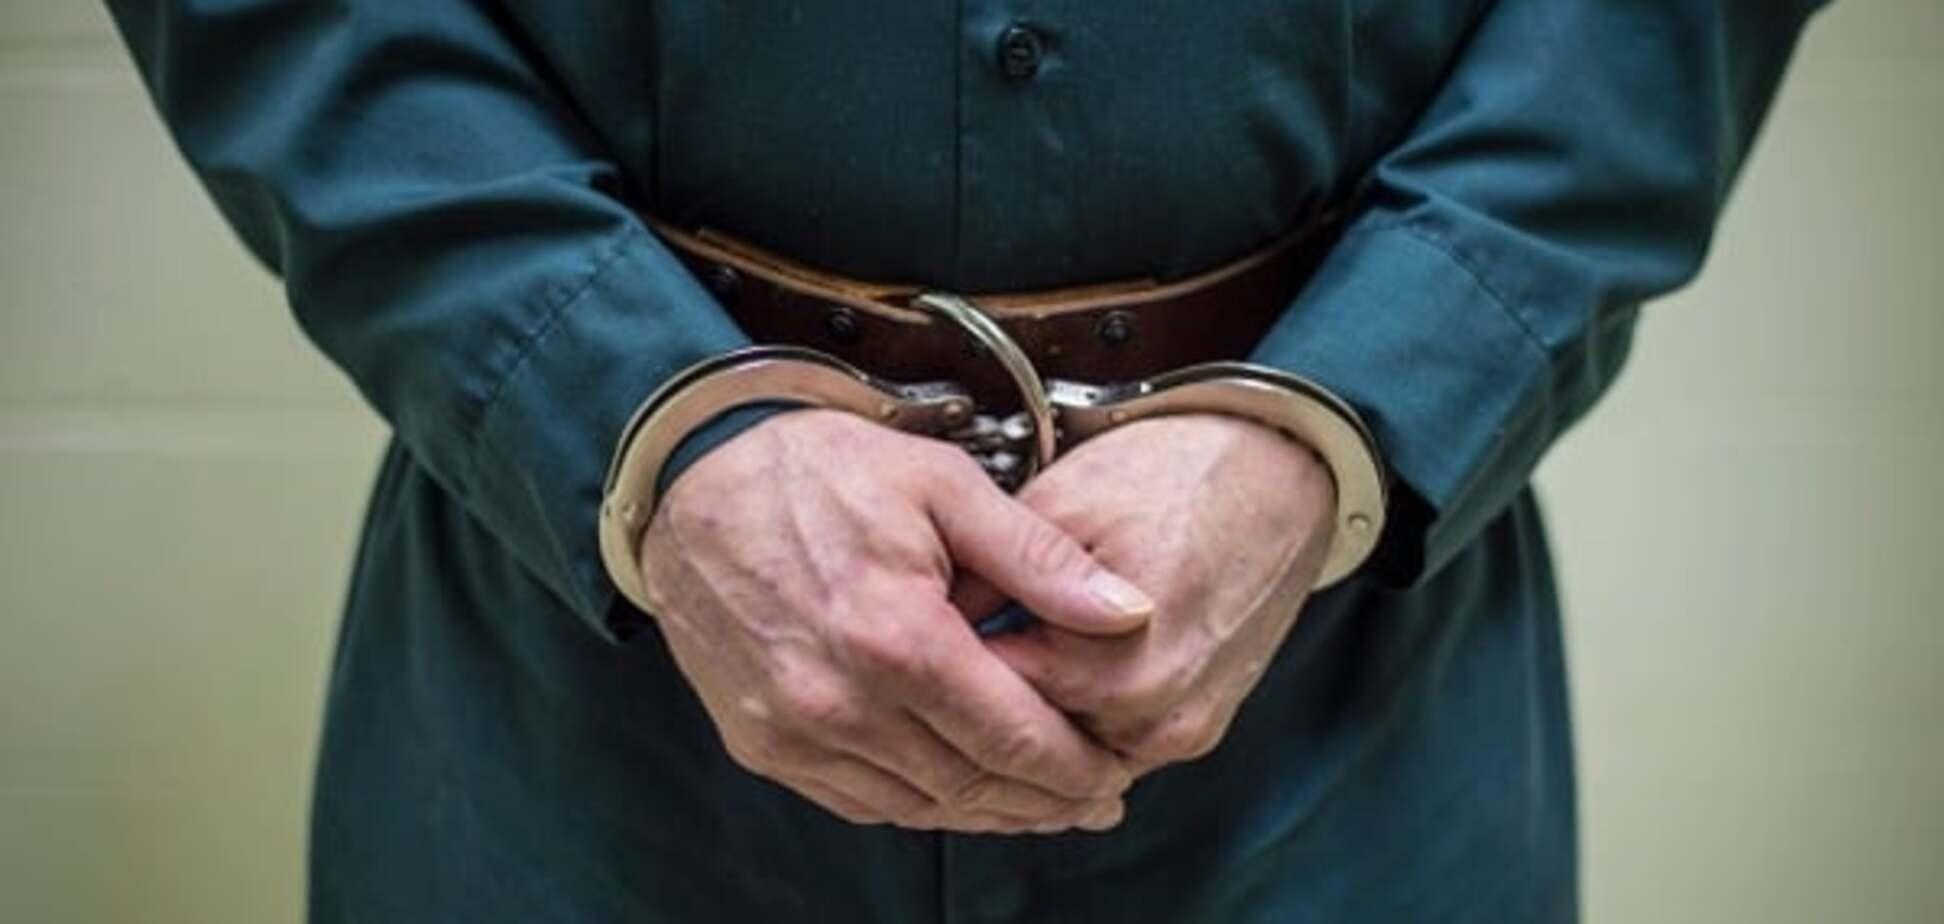 В суд передали дело экс-чиновника Киево-Святошинской РГА